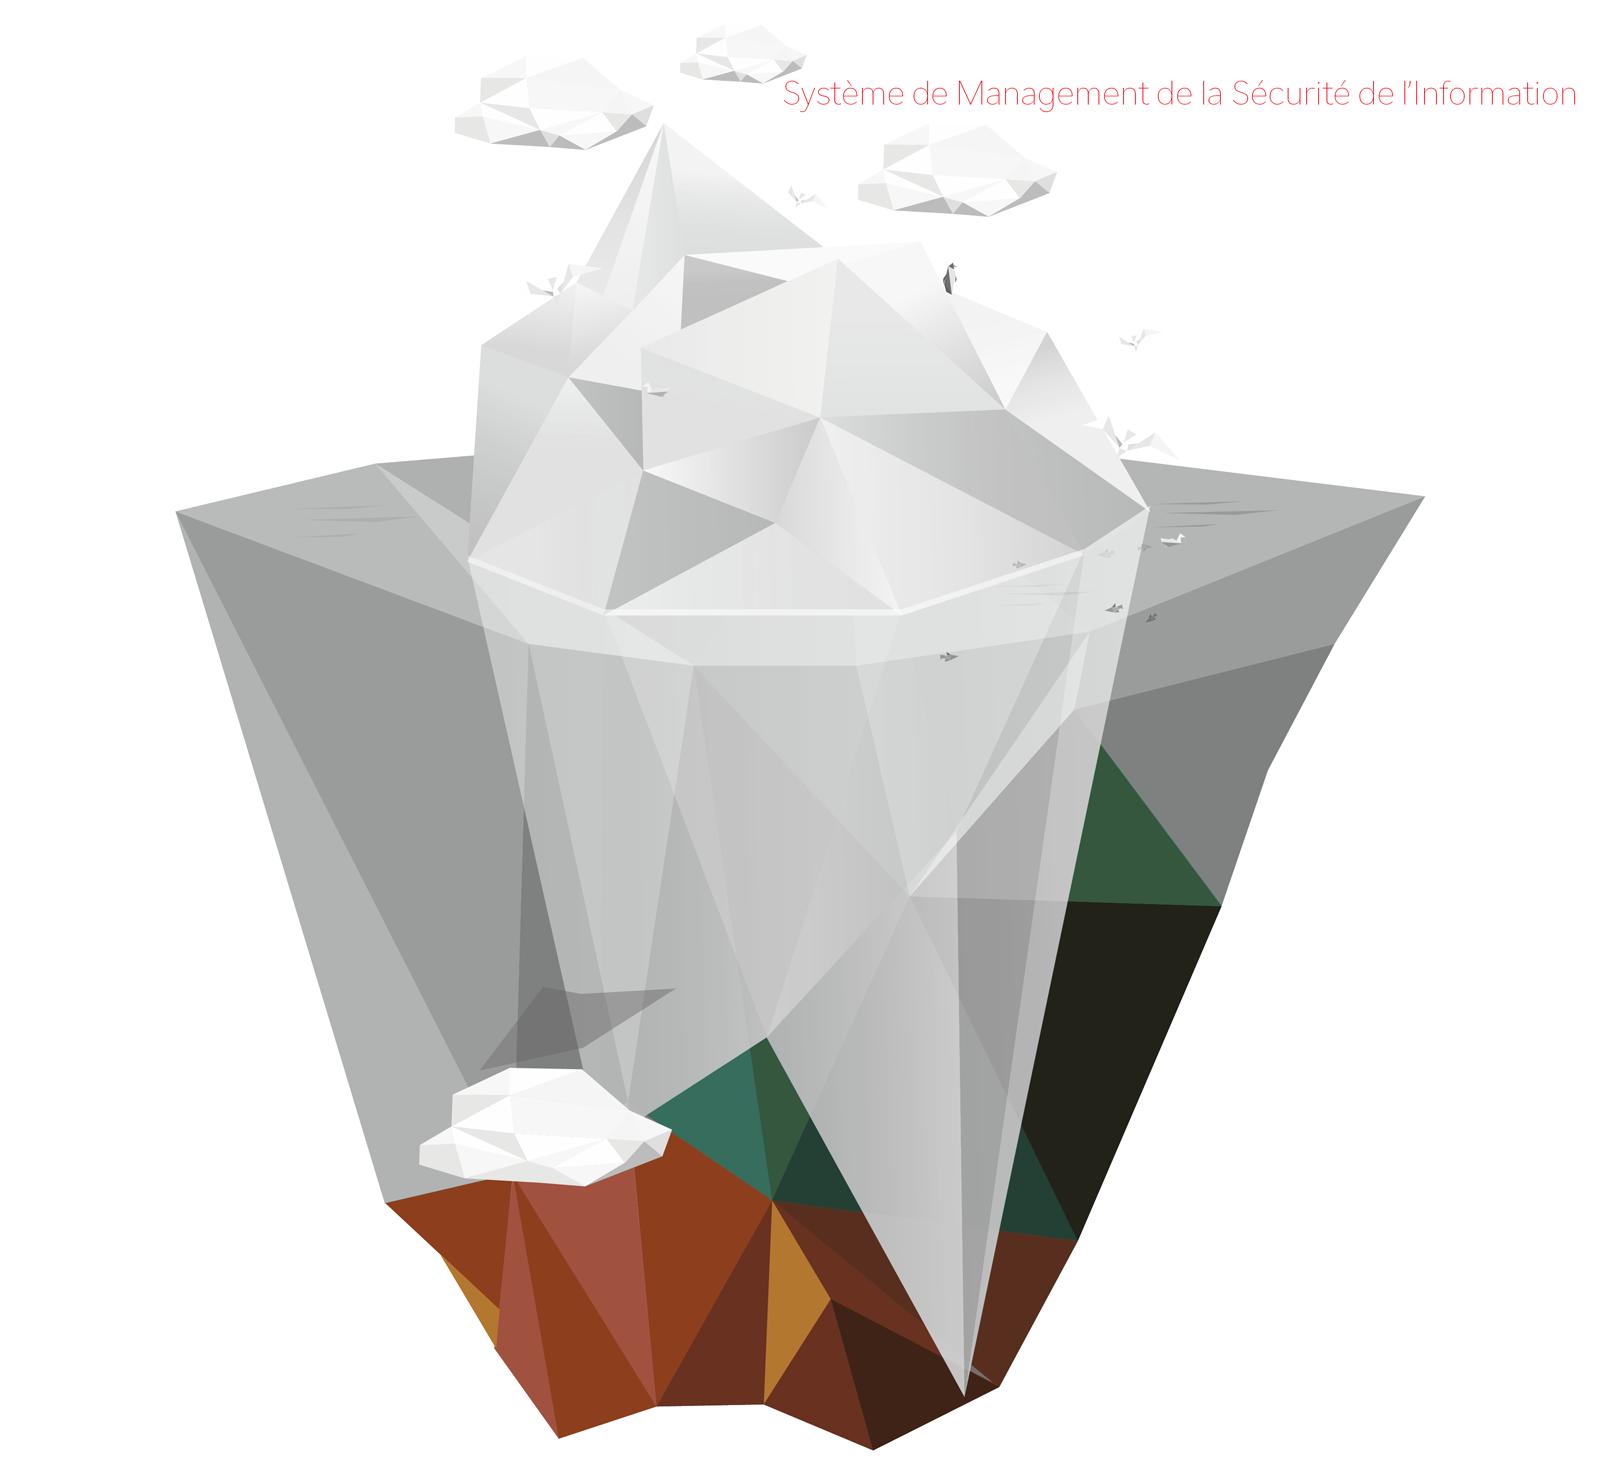 SMSI :  La face cachée de l'iceberg